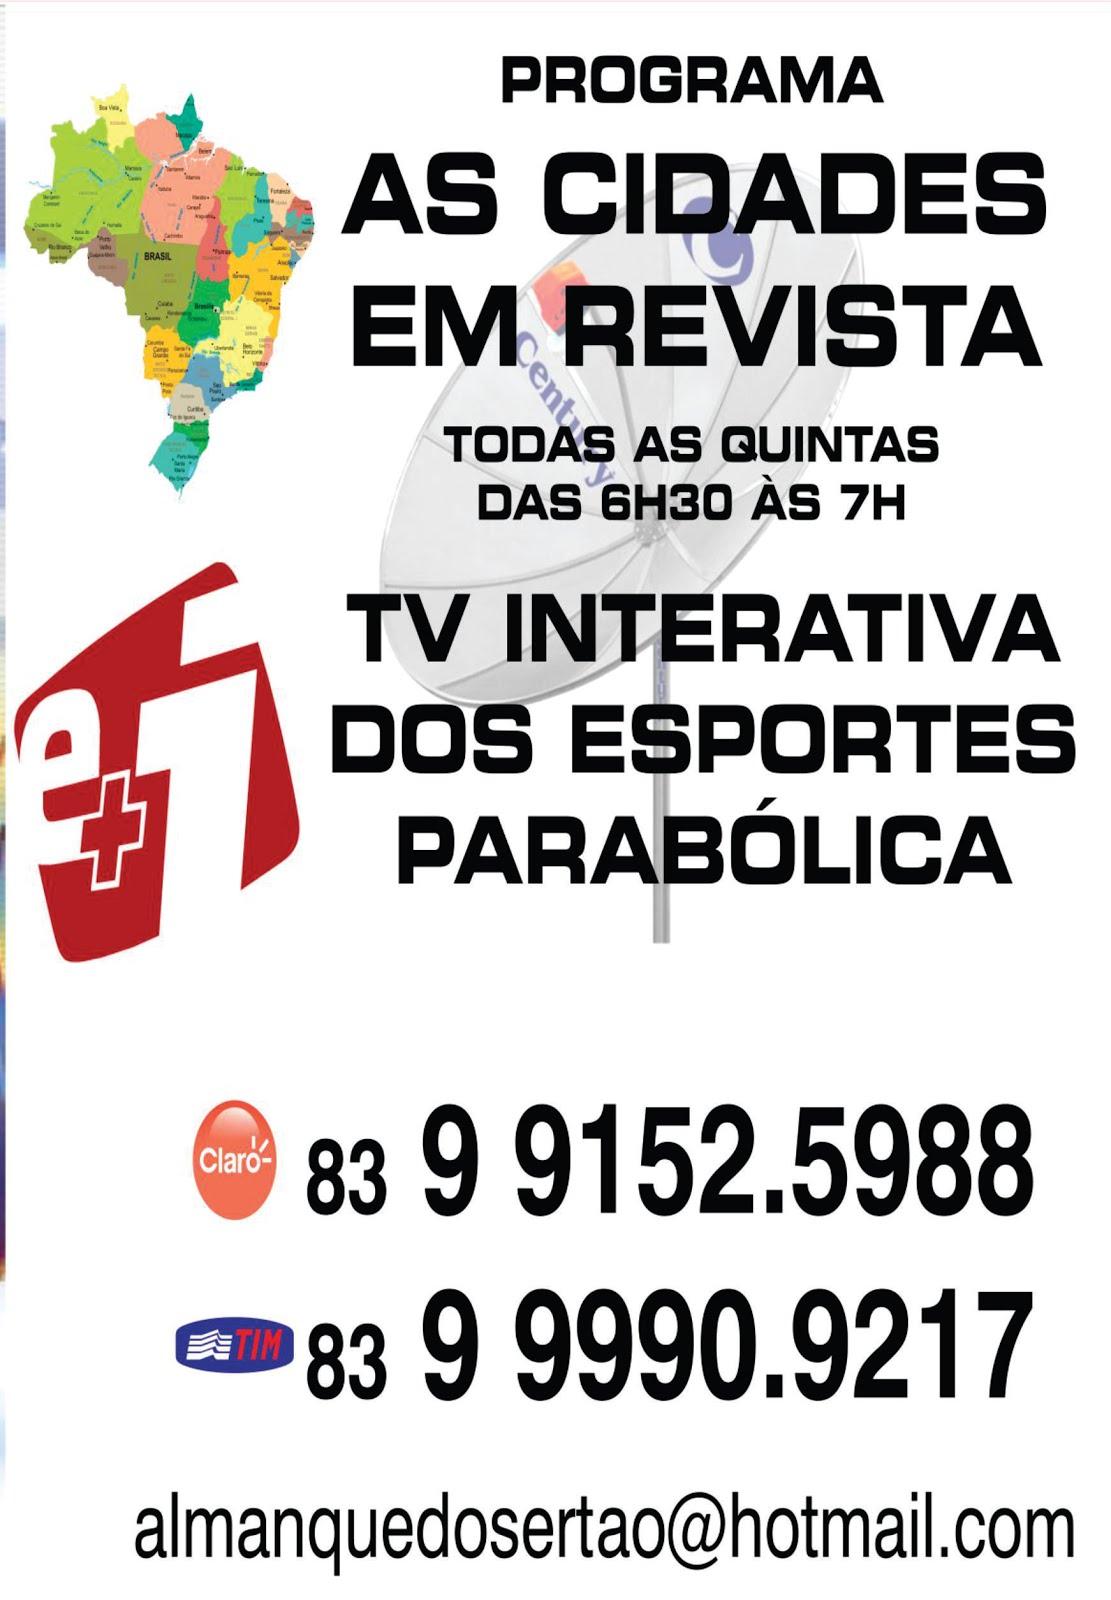 BREVE BREVE BREVE  O PROGRAMA  AS CIDADES  EM REVISTA NA TELEVISÃO  NACIONAL DO BRASIL  AGUARDEM